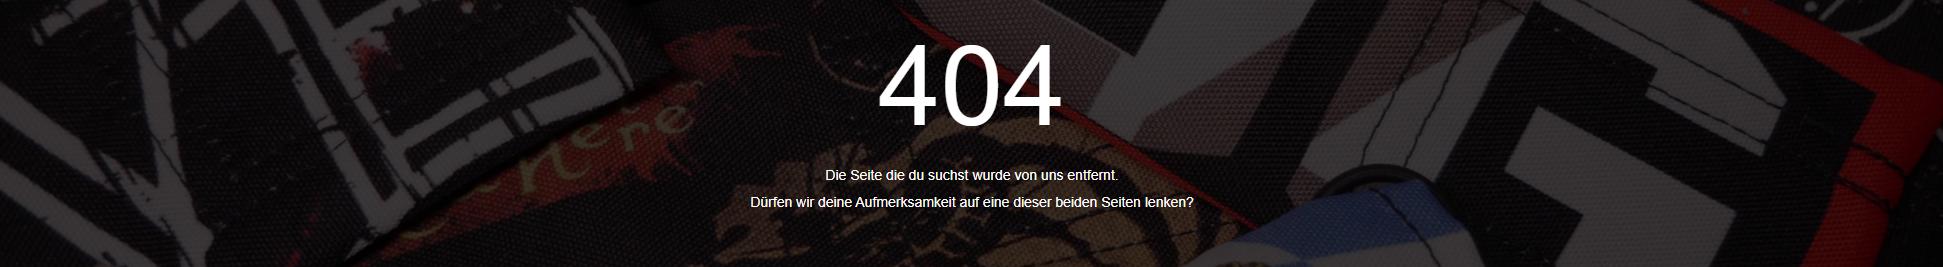 404 Customjersey